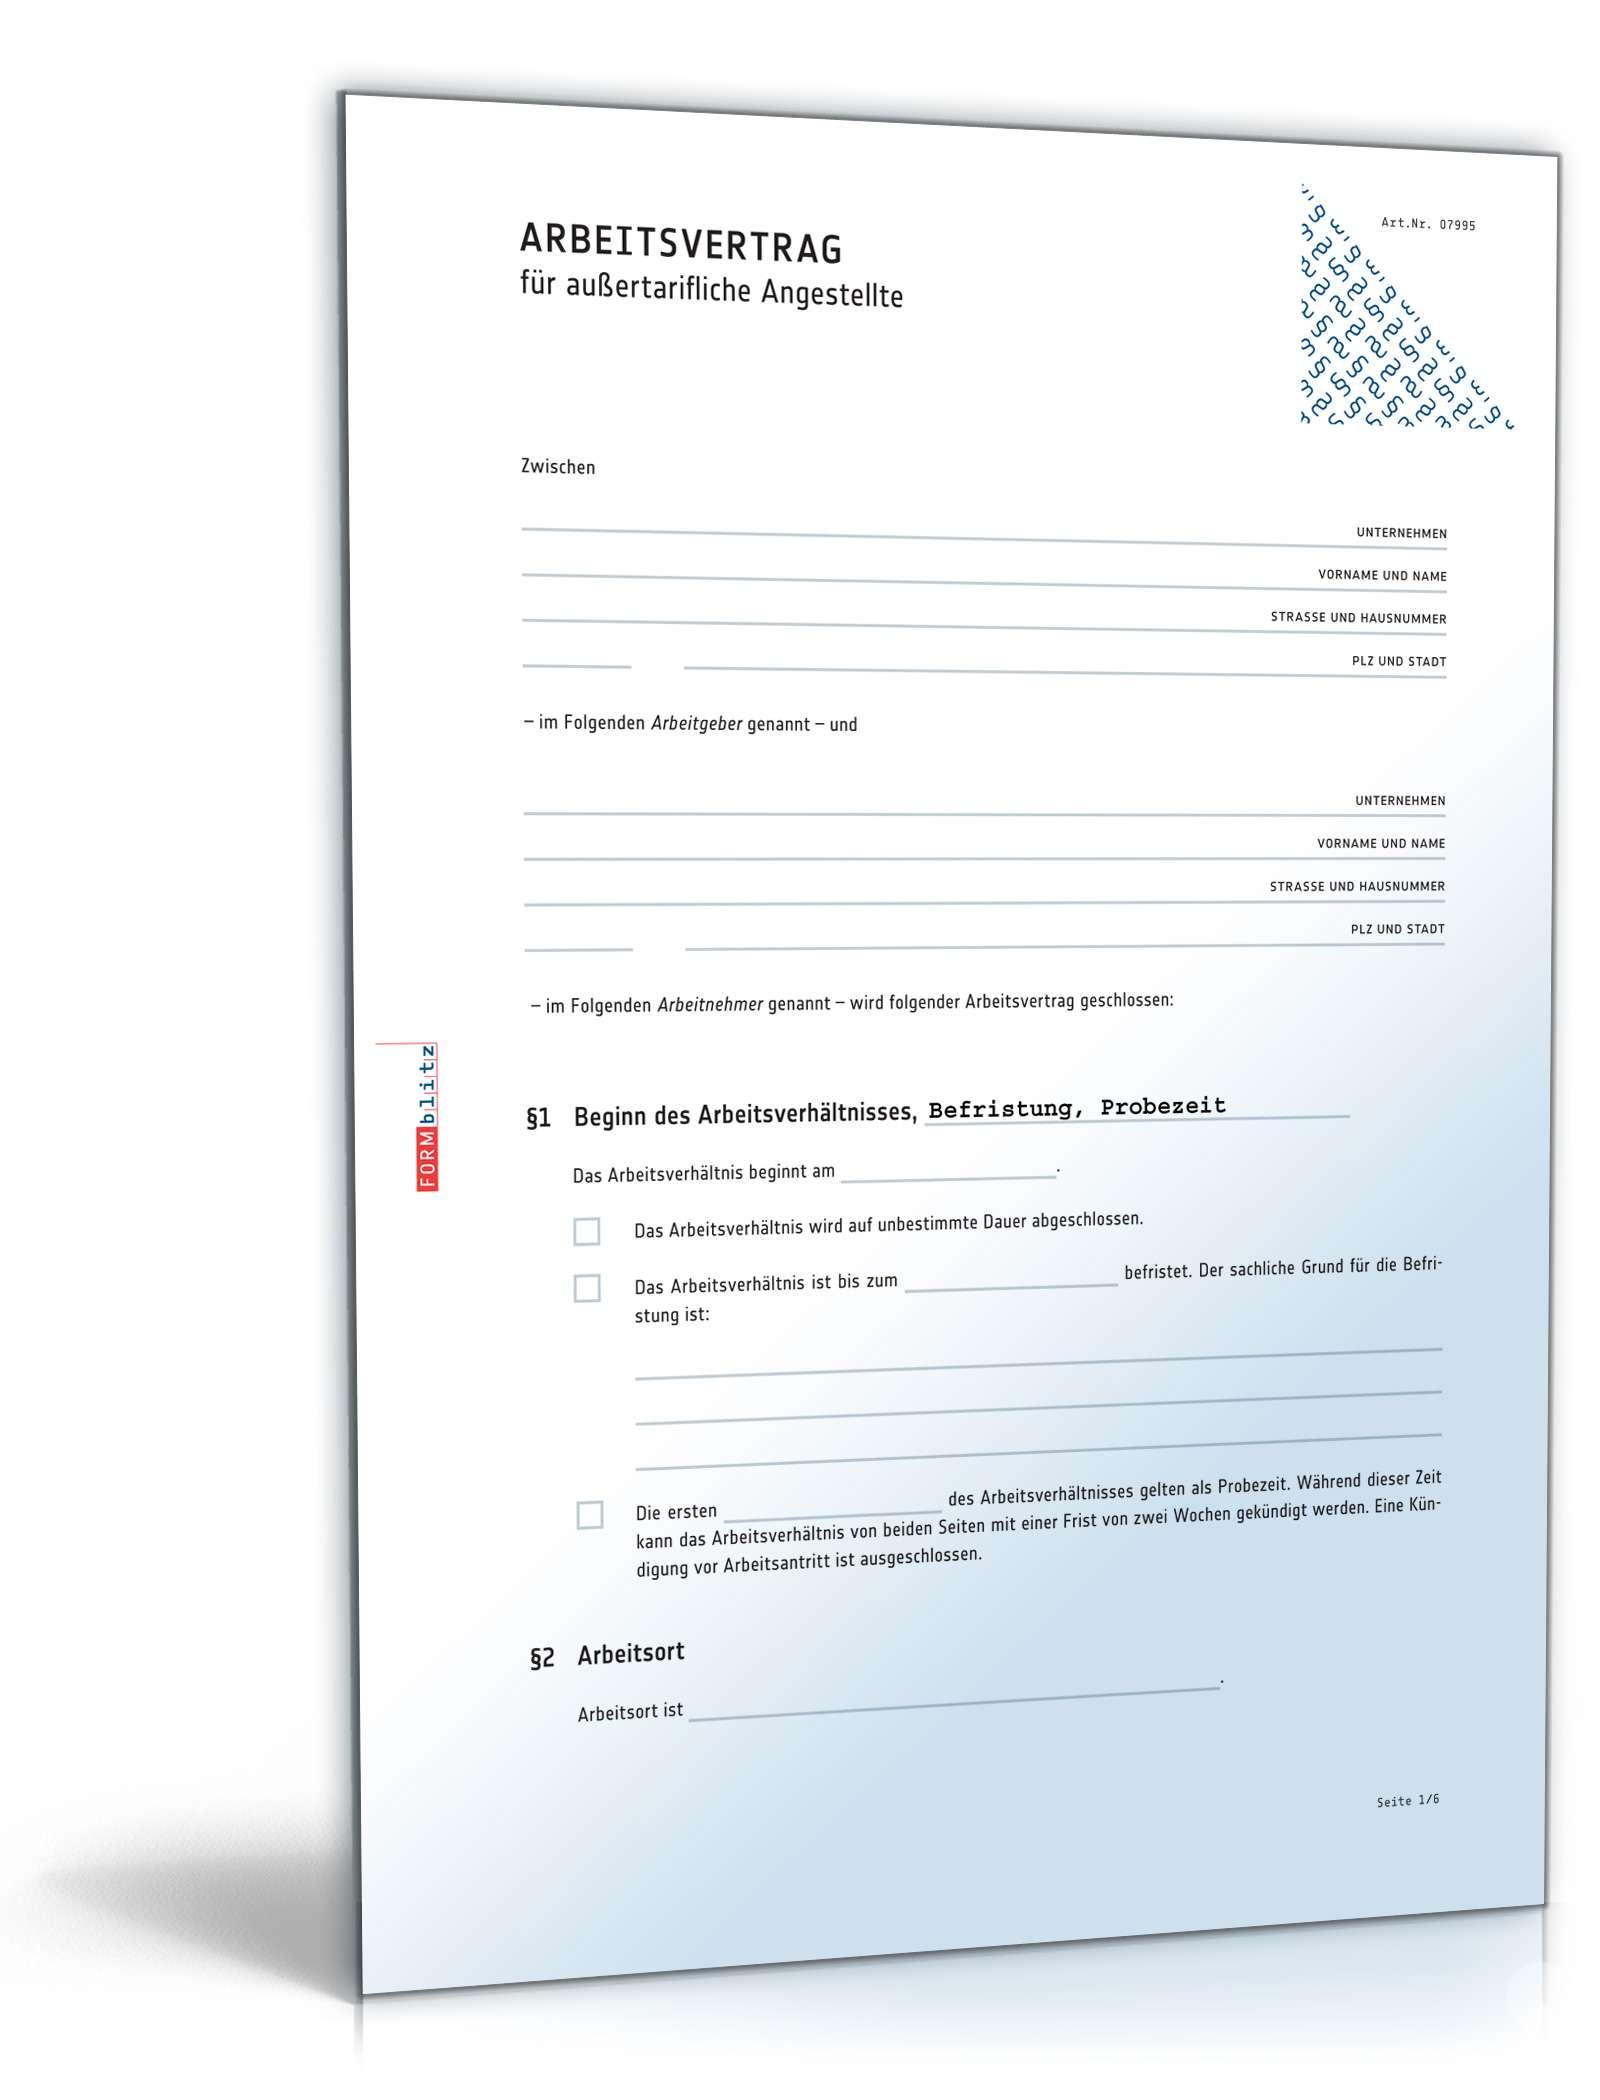 Arbeitsvertrag außertariflich Angestellte: Muster zum Download